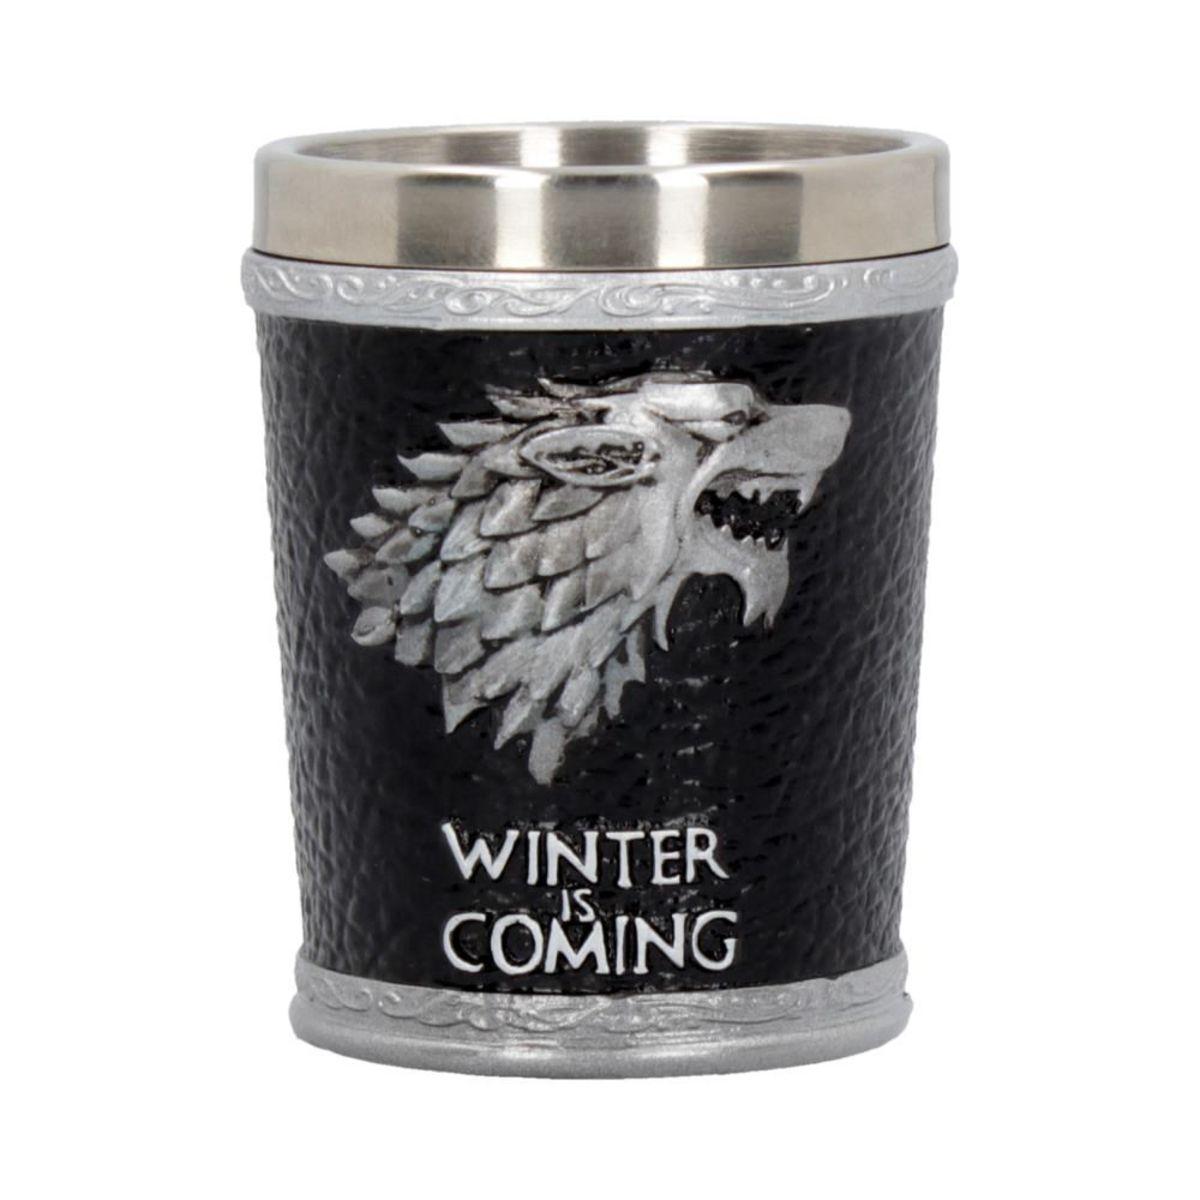 panák Game of thrones - Winter Is Coming - B4452N9